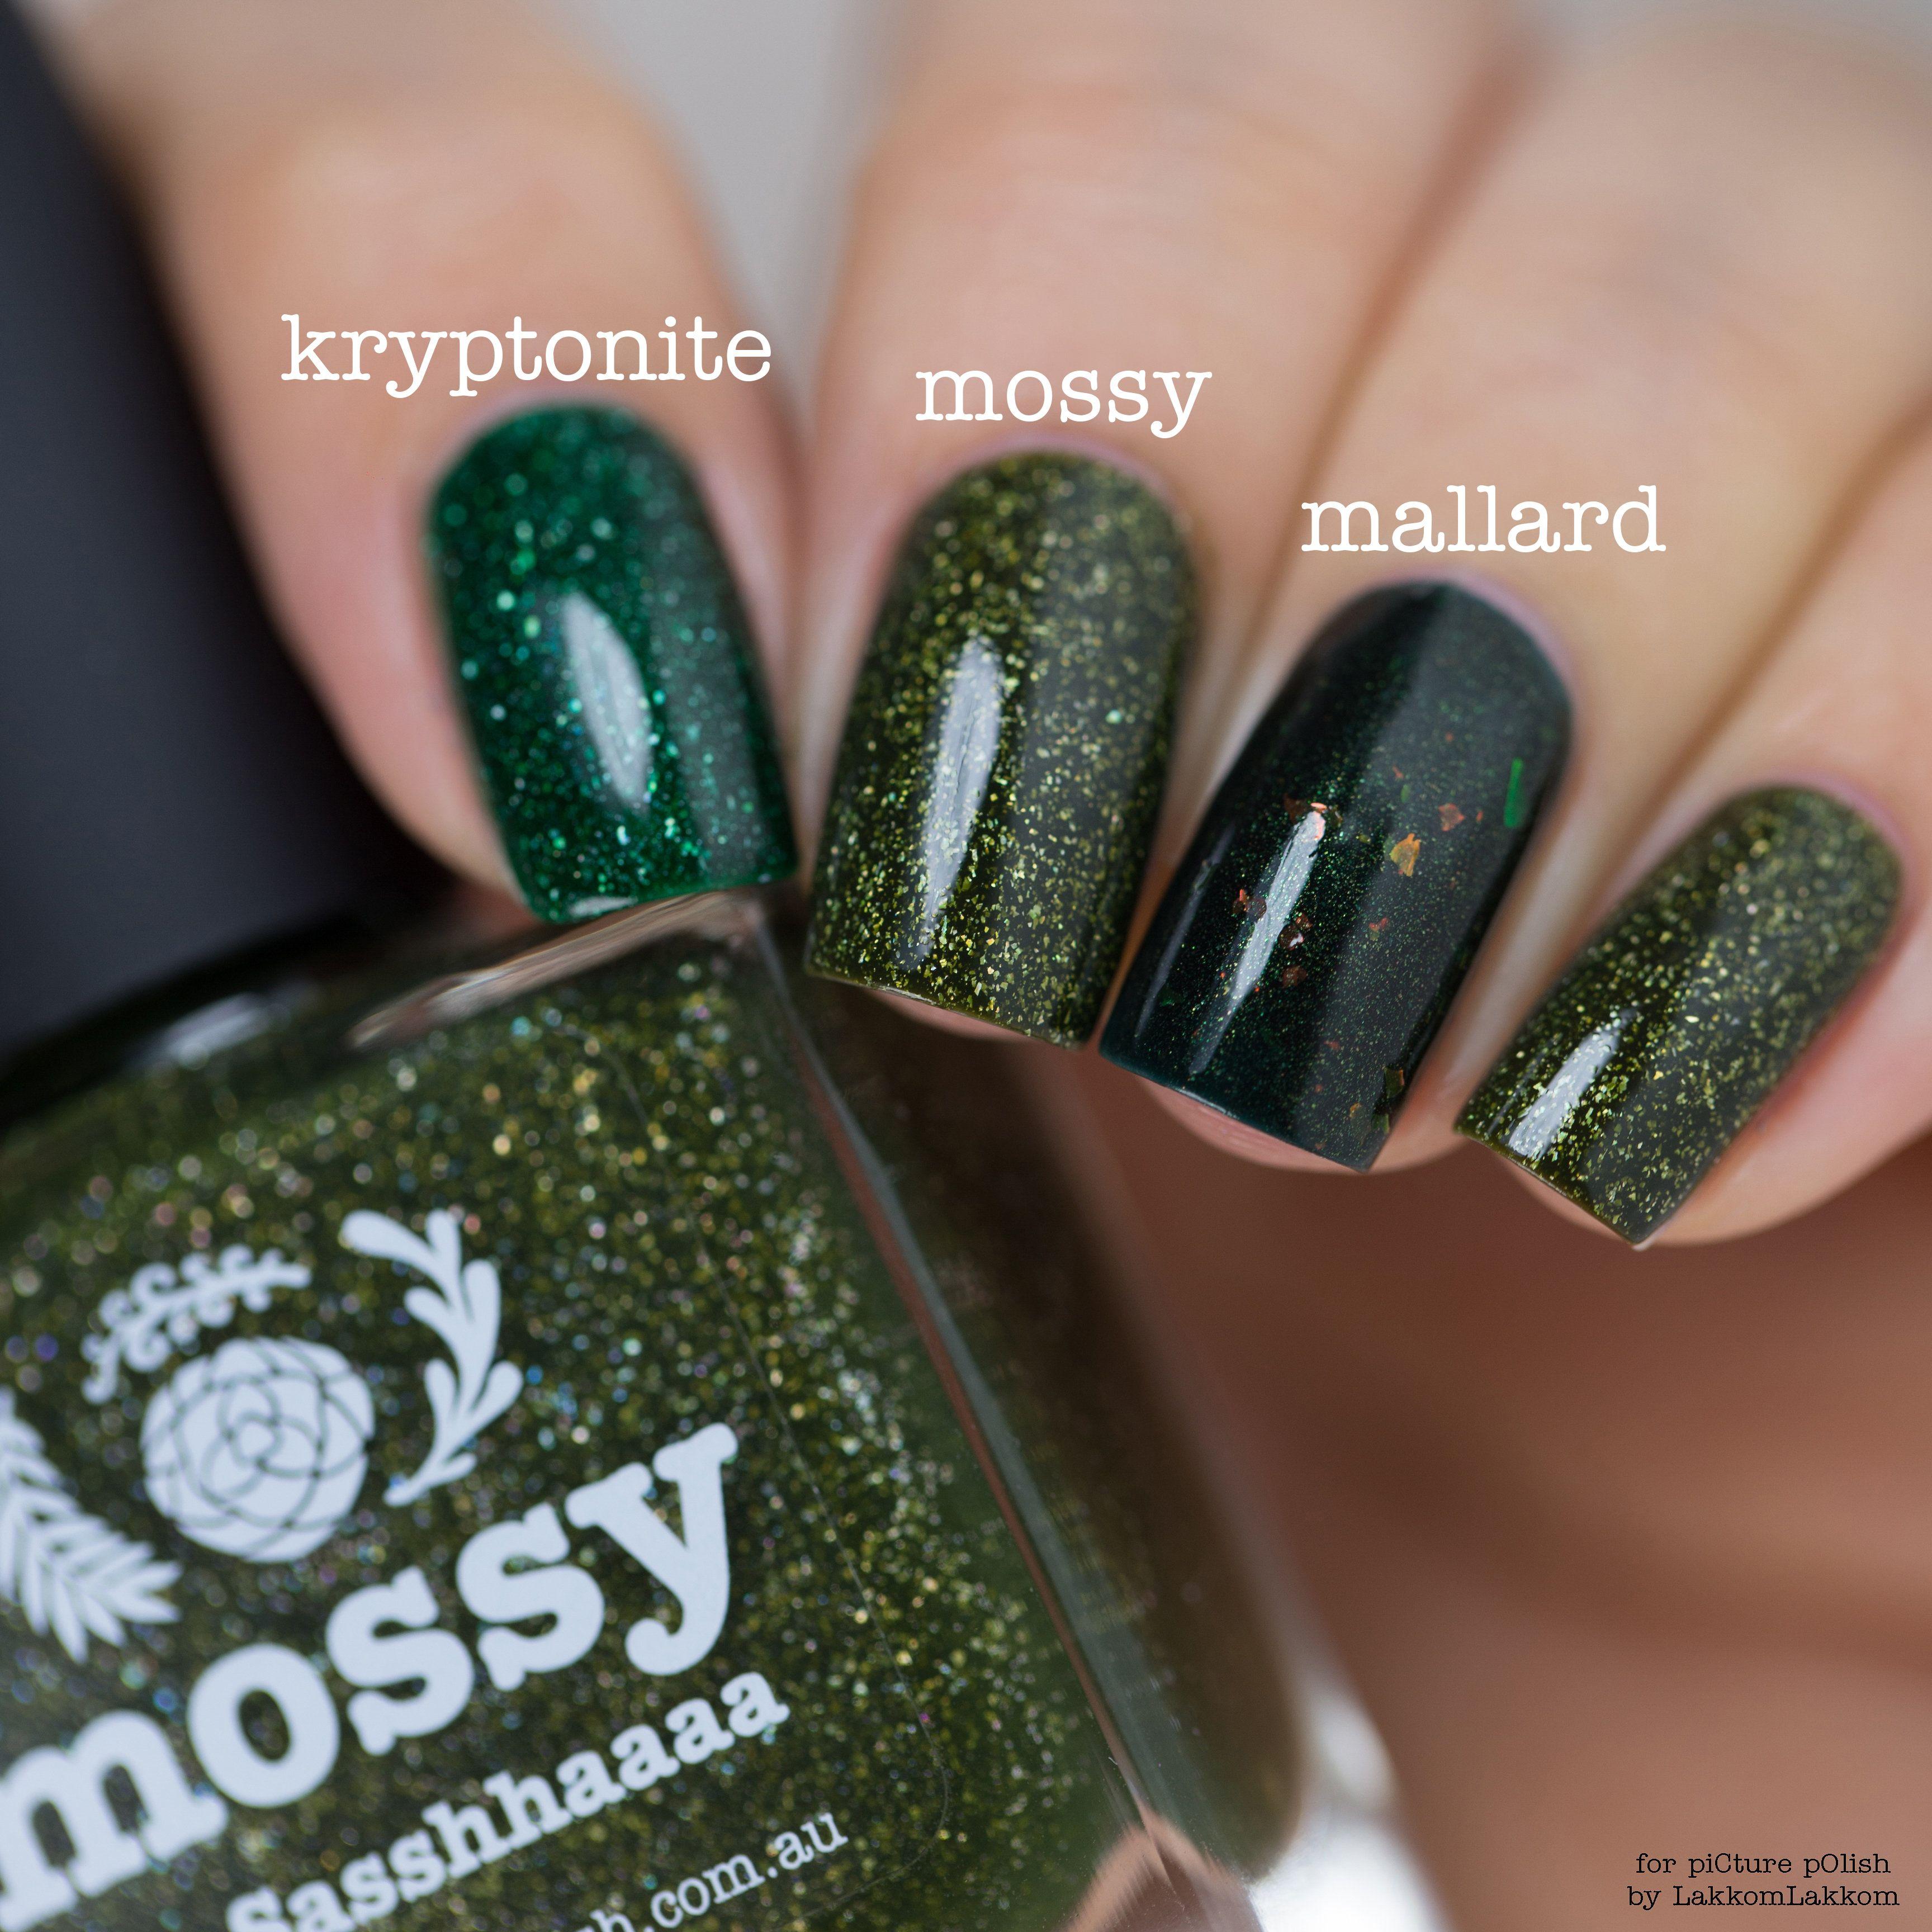 Kryptonite Mossy Mallard Nail Polish Nails Nail